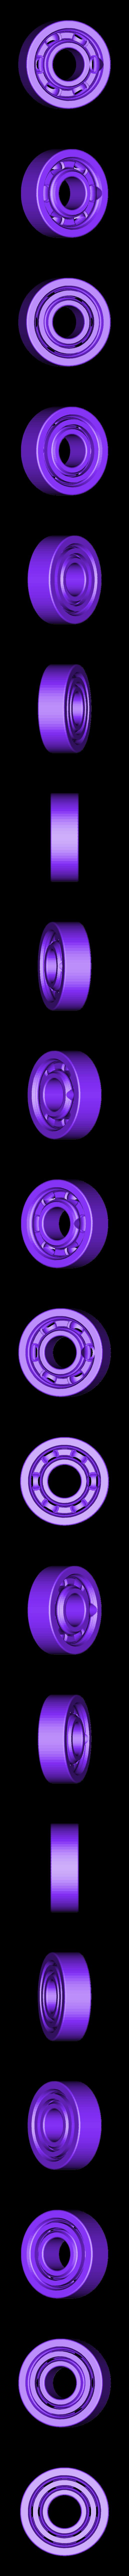 bearing_8_22_7_S_6balls4mm.stl Télécharger fichier STL gratuit Palier 608 (acier BB de 4,5 mm) • Objet pour impression 3D, SiberK